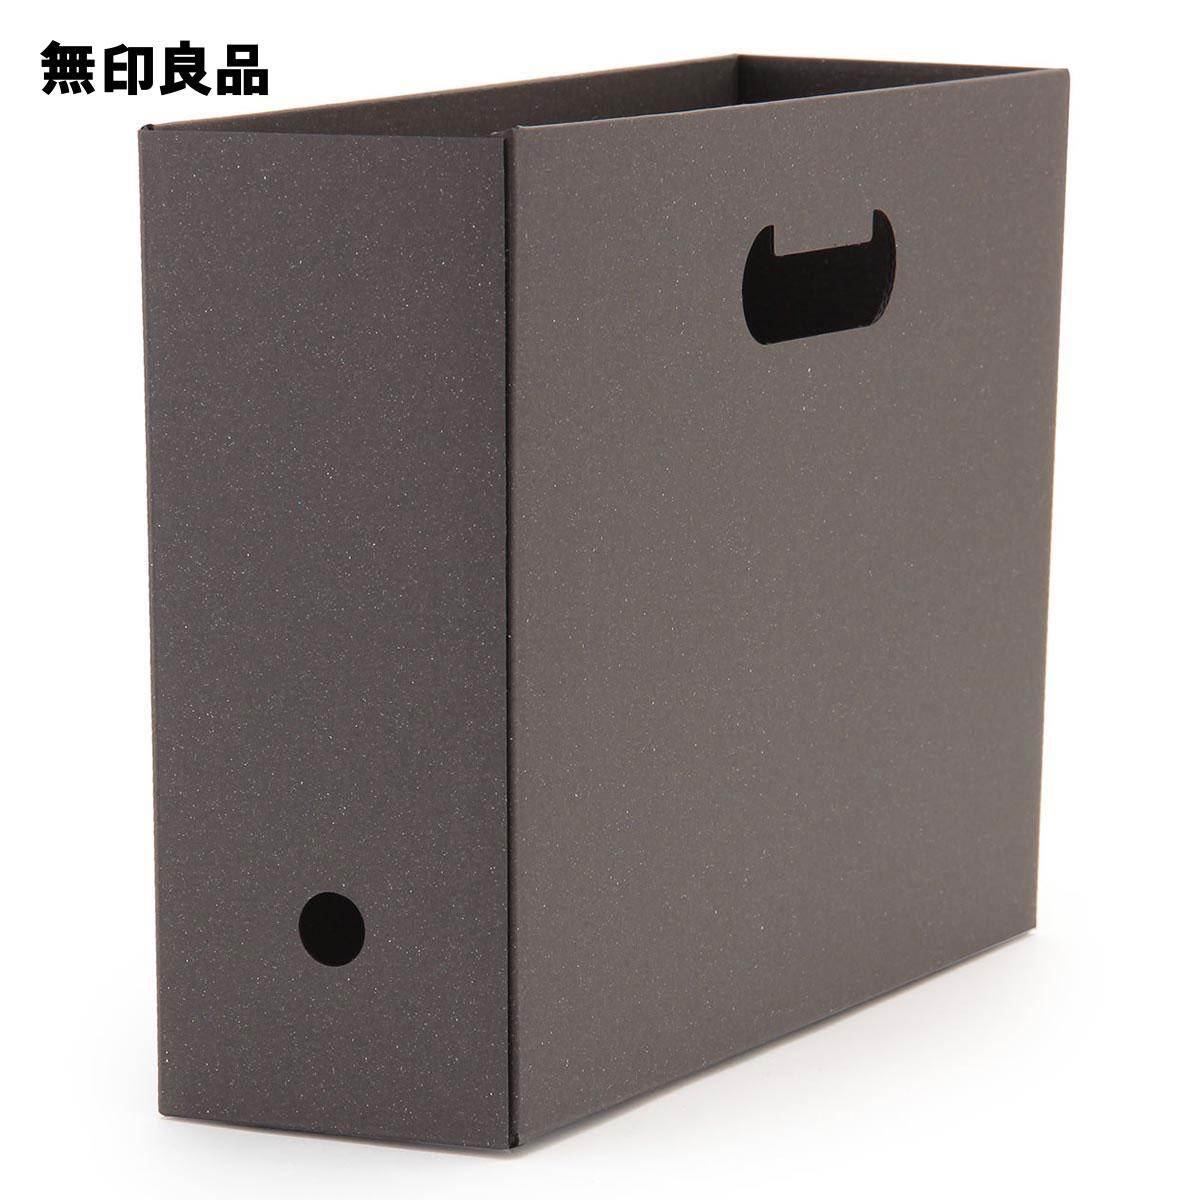 無印良品 公式 驚きの値段で ワンタッチで組み立てられるダンボールファイルボックス5枚組 A4用 捧呈 ダークグレー